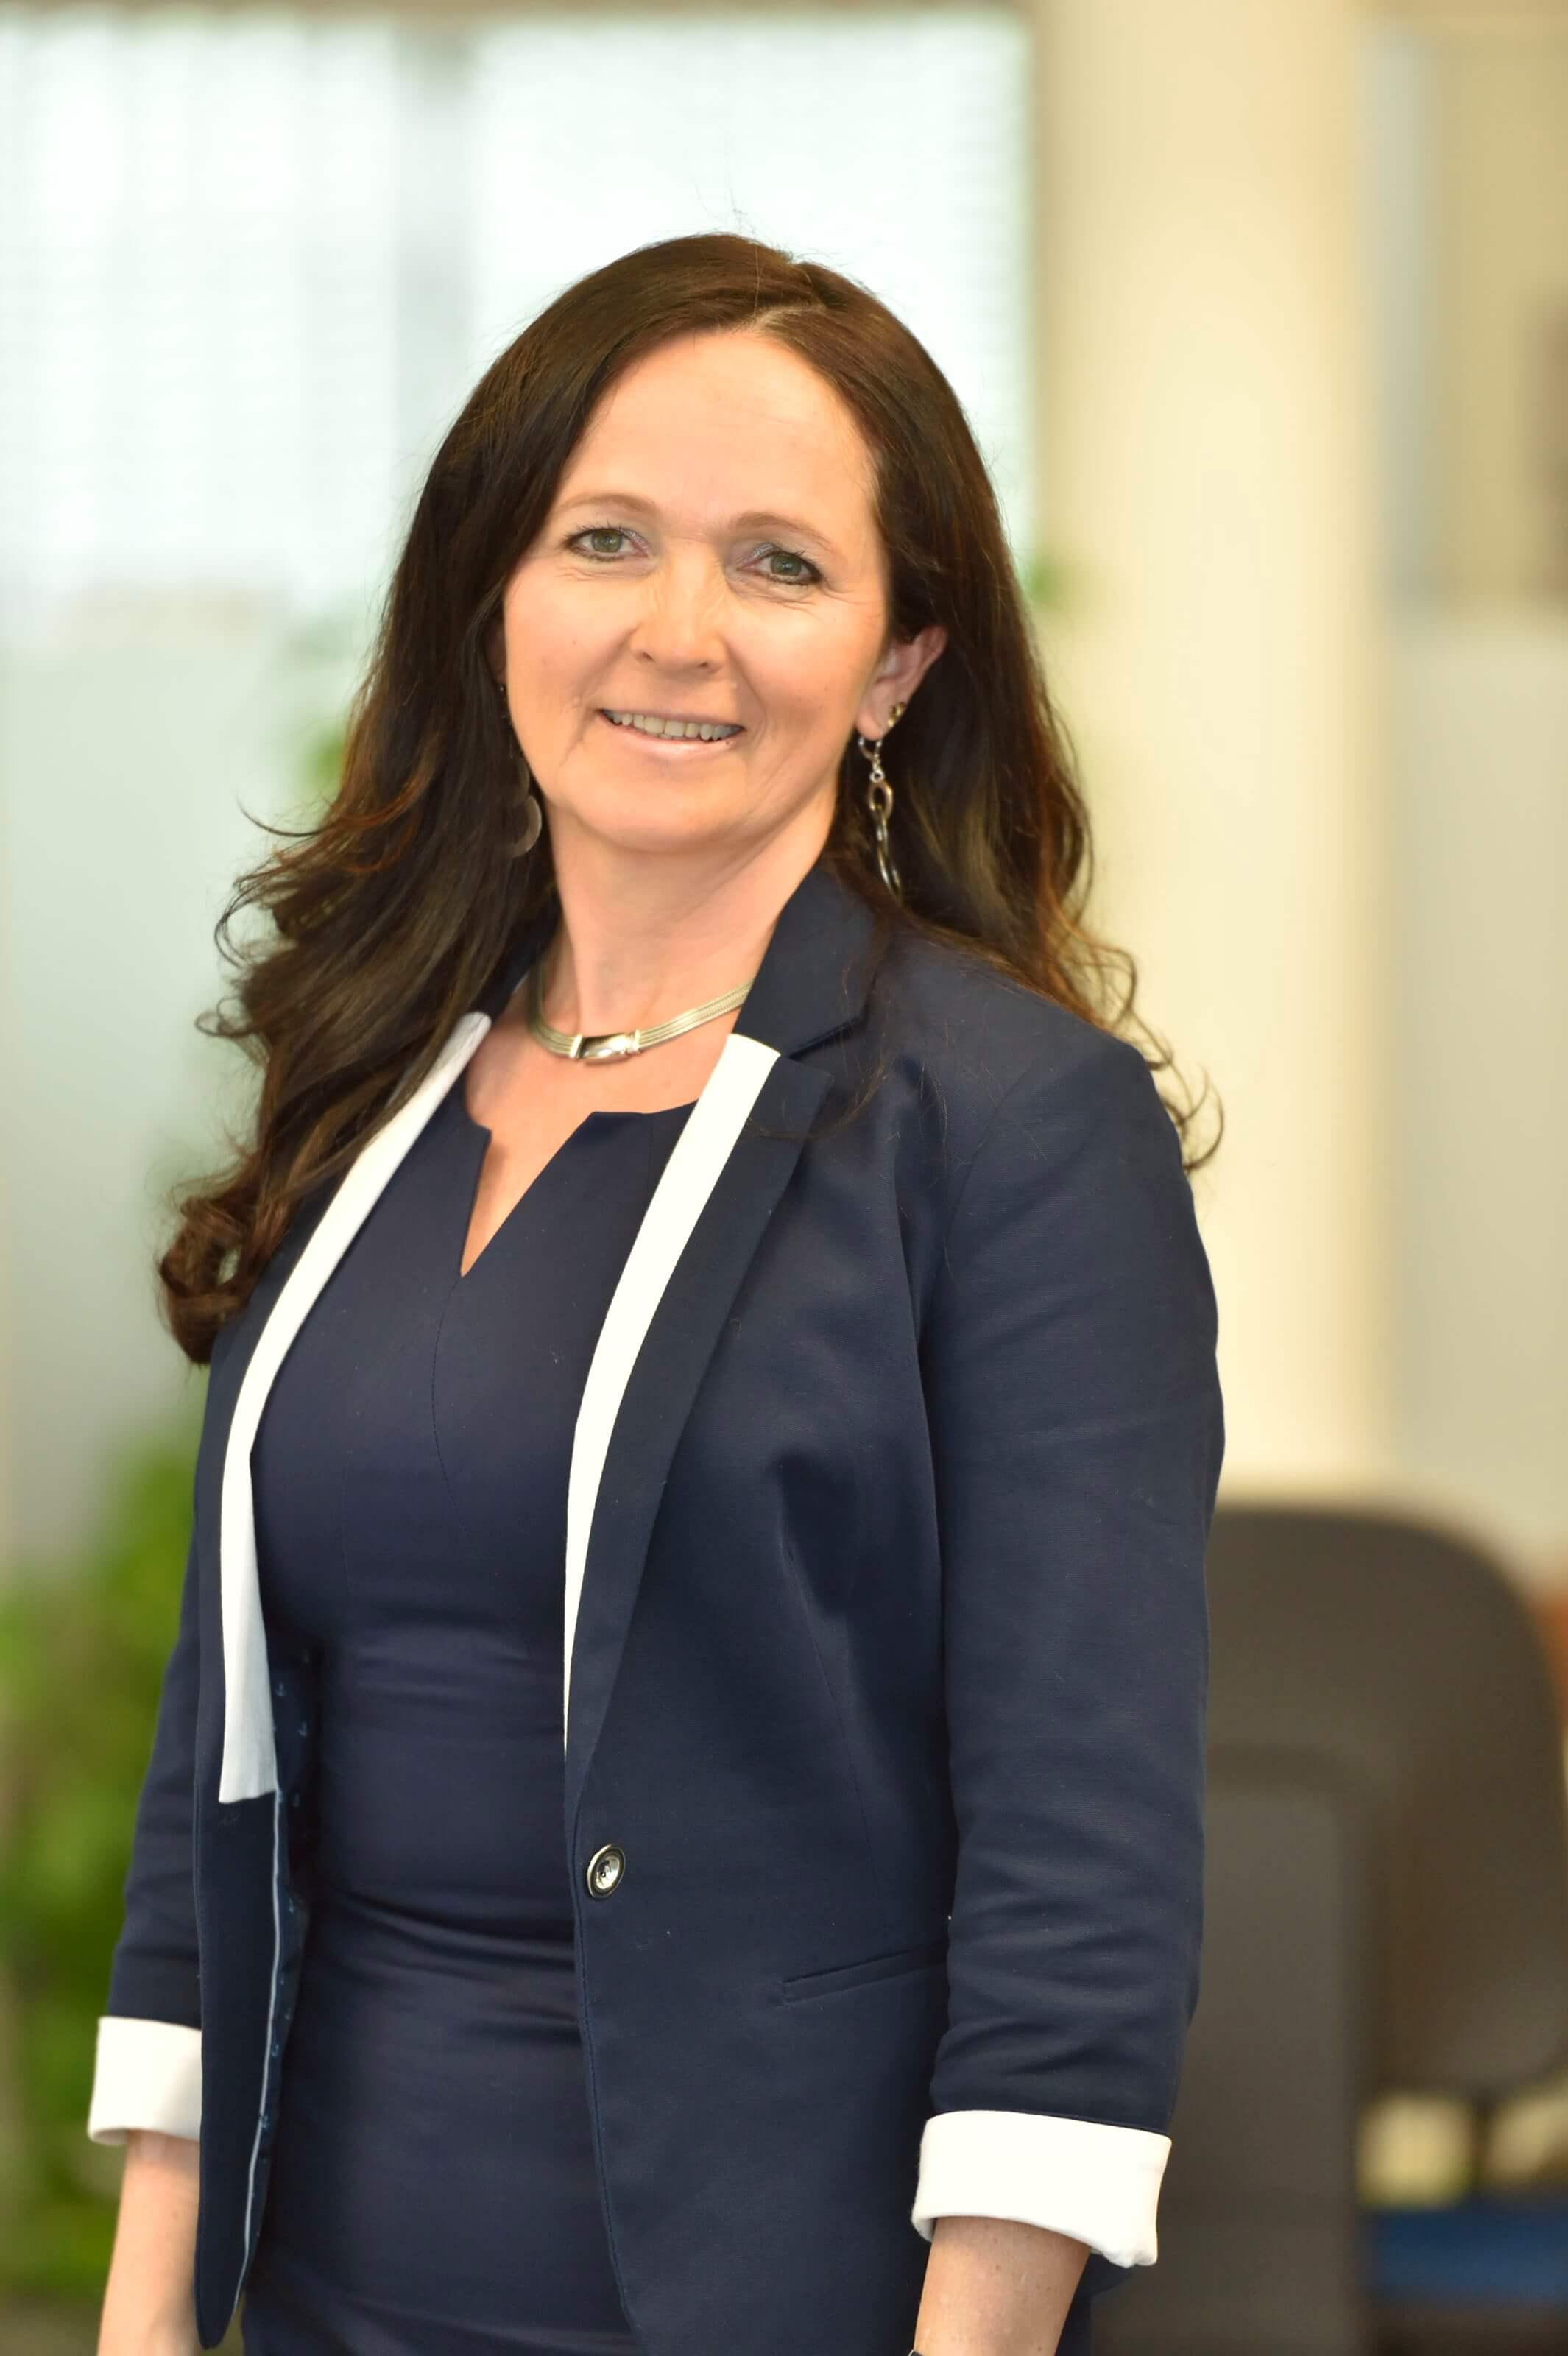 Evelyn Sauerschnig, MSc